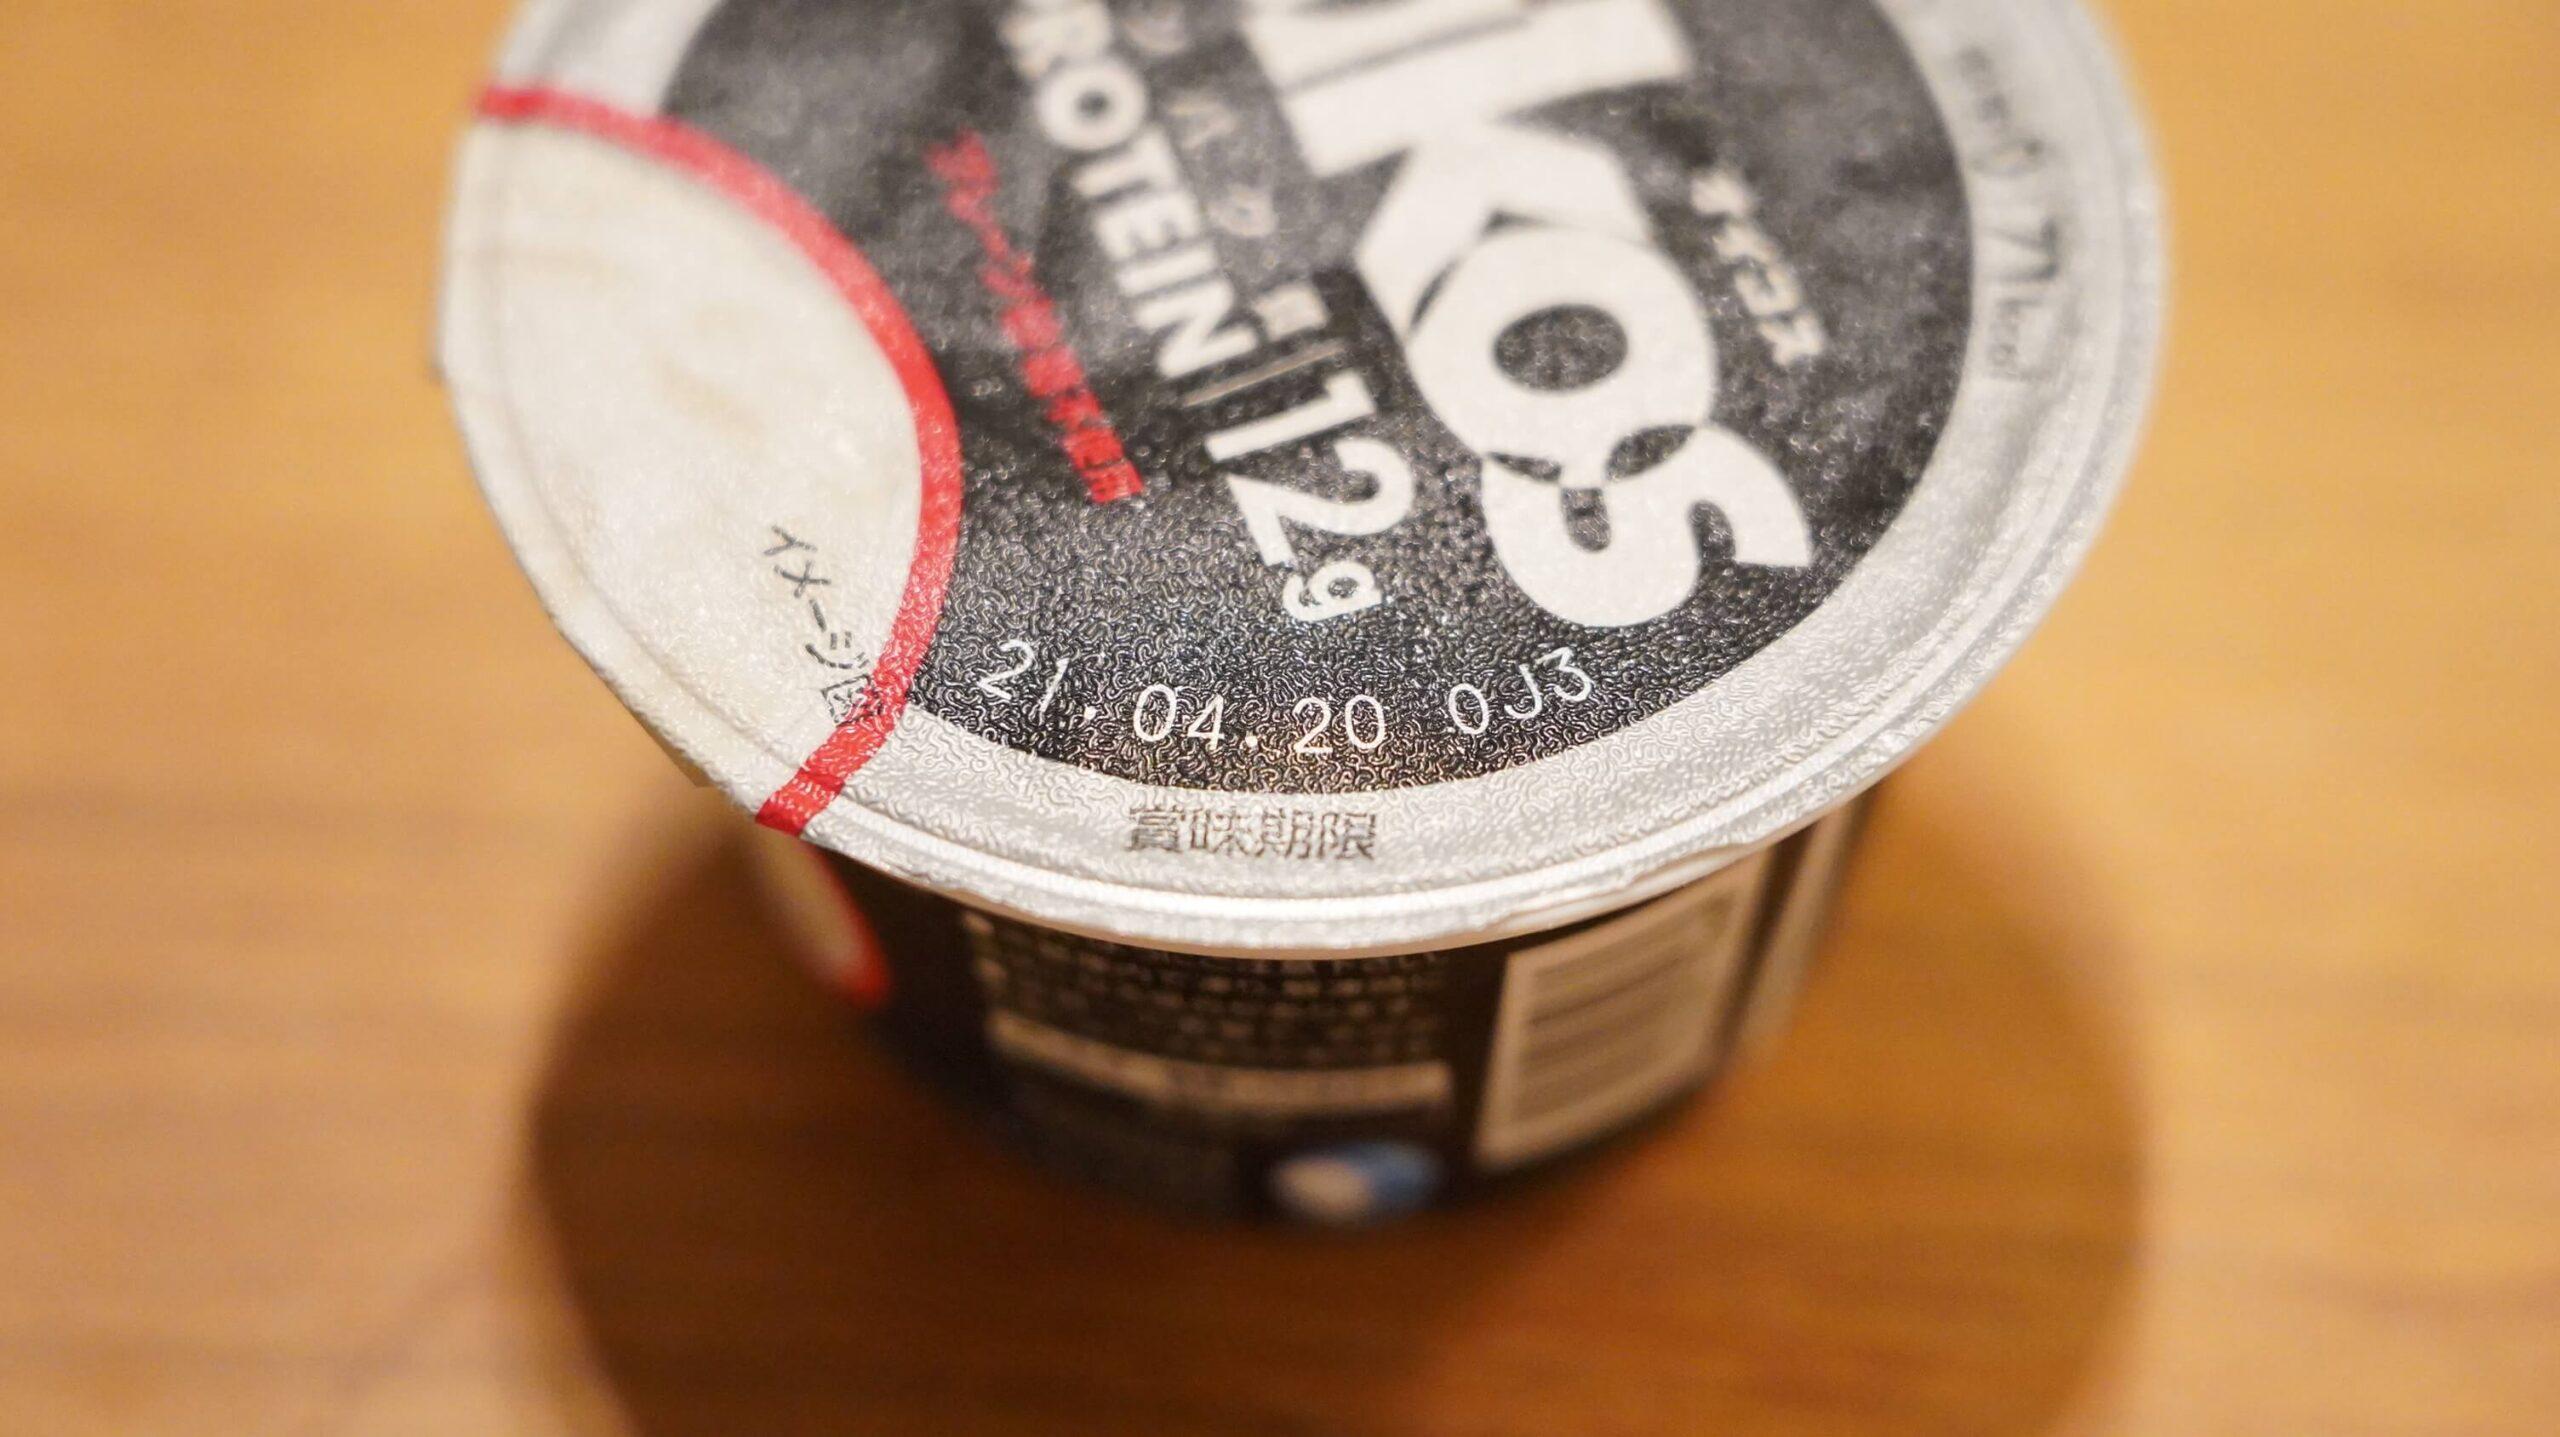 コストコで買ったオイコスのプレーン味の拡大写真